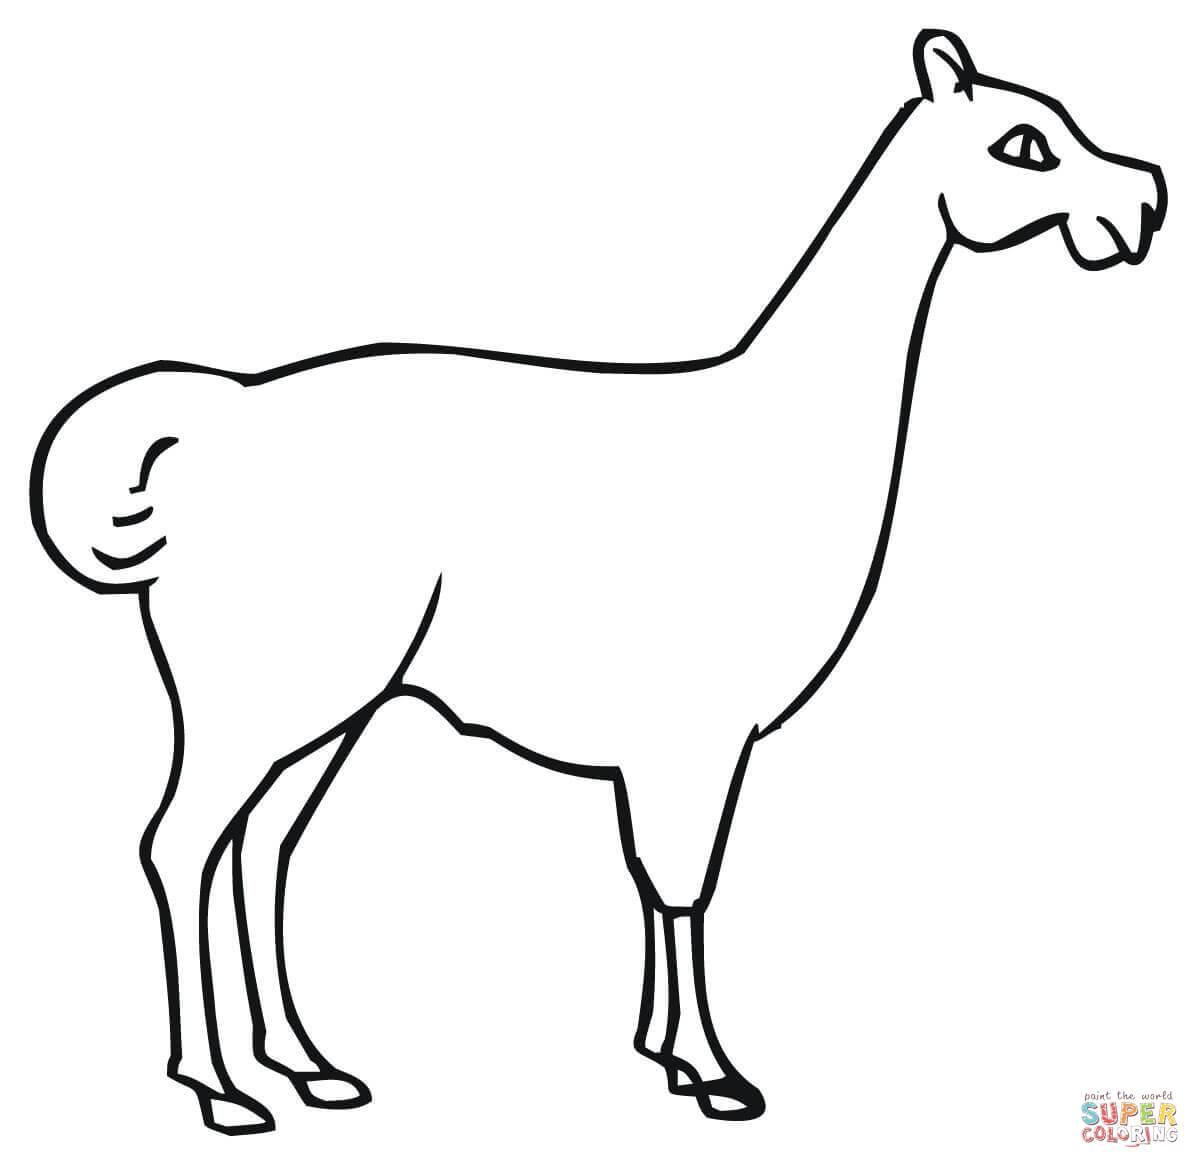 Llama coloring #13, Download drawings